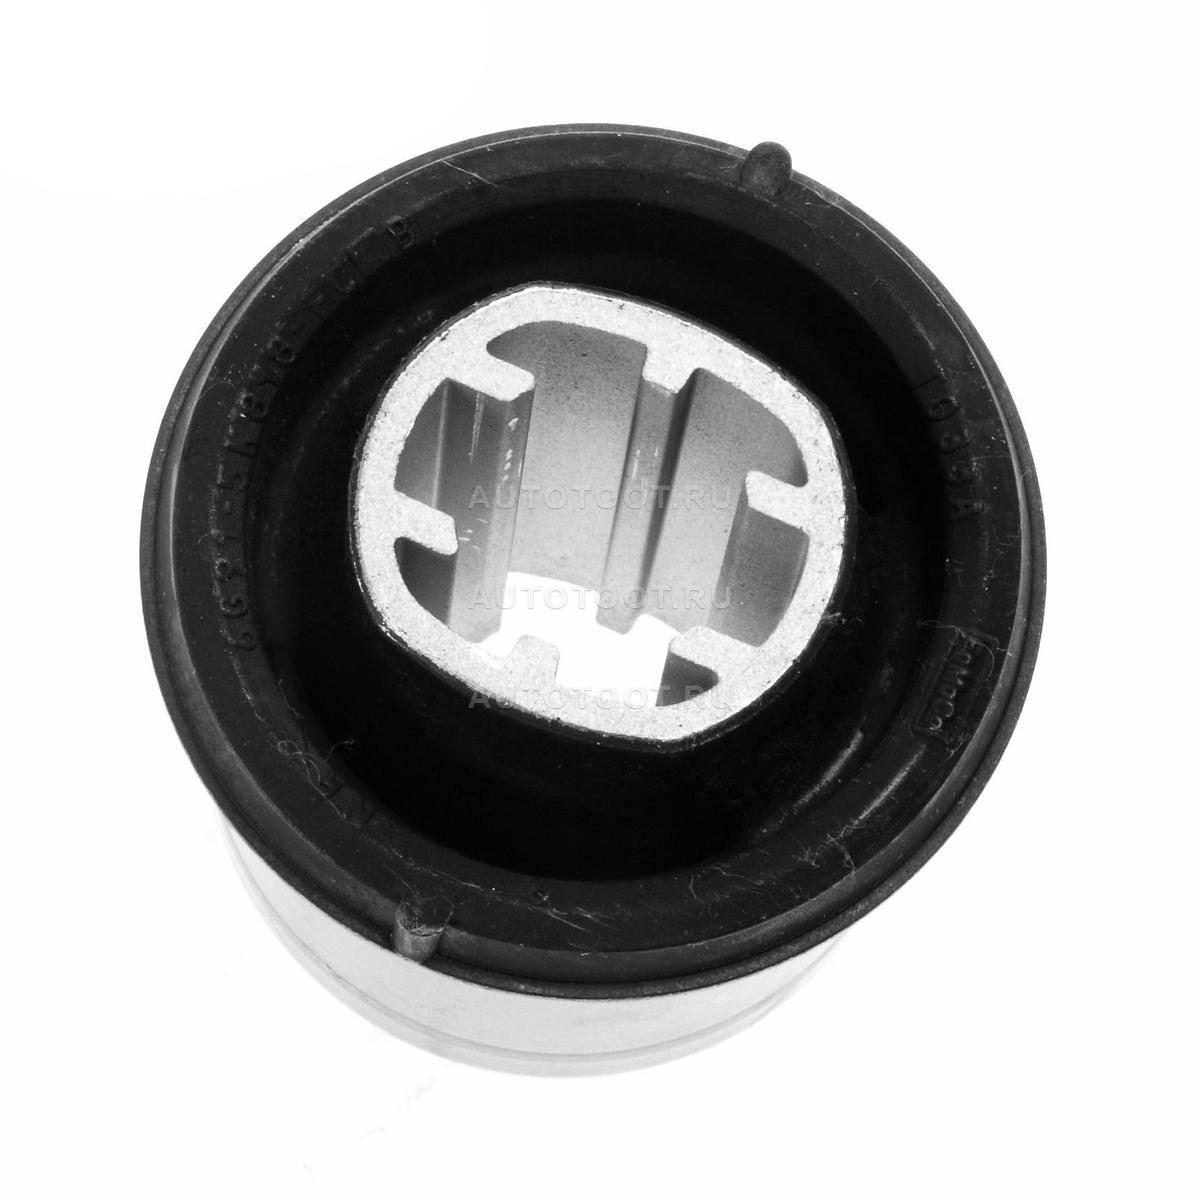 ГАЗ 22171: цена, технические характеристики, фото, ГАЗ ...